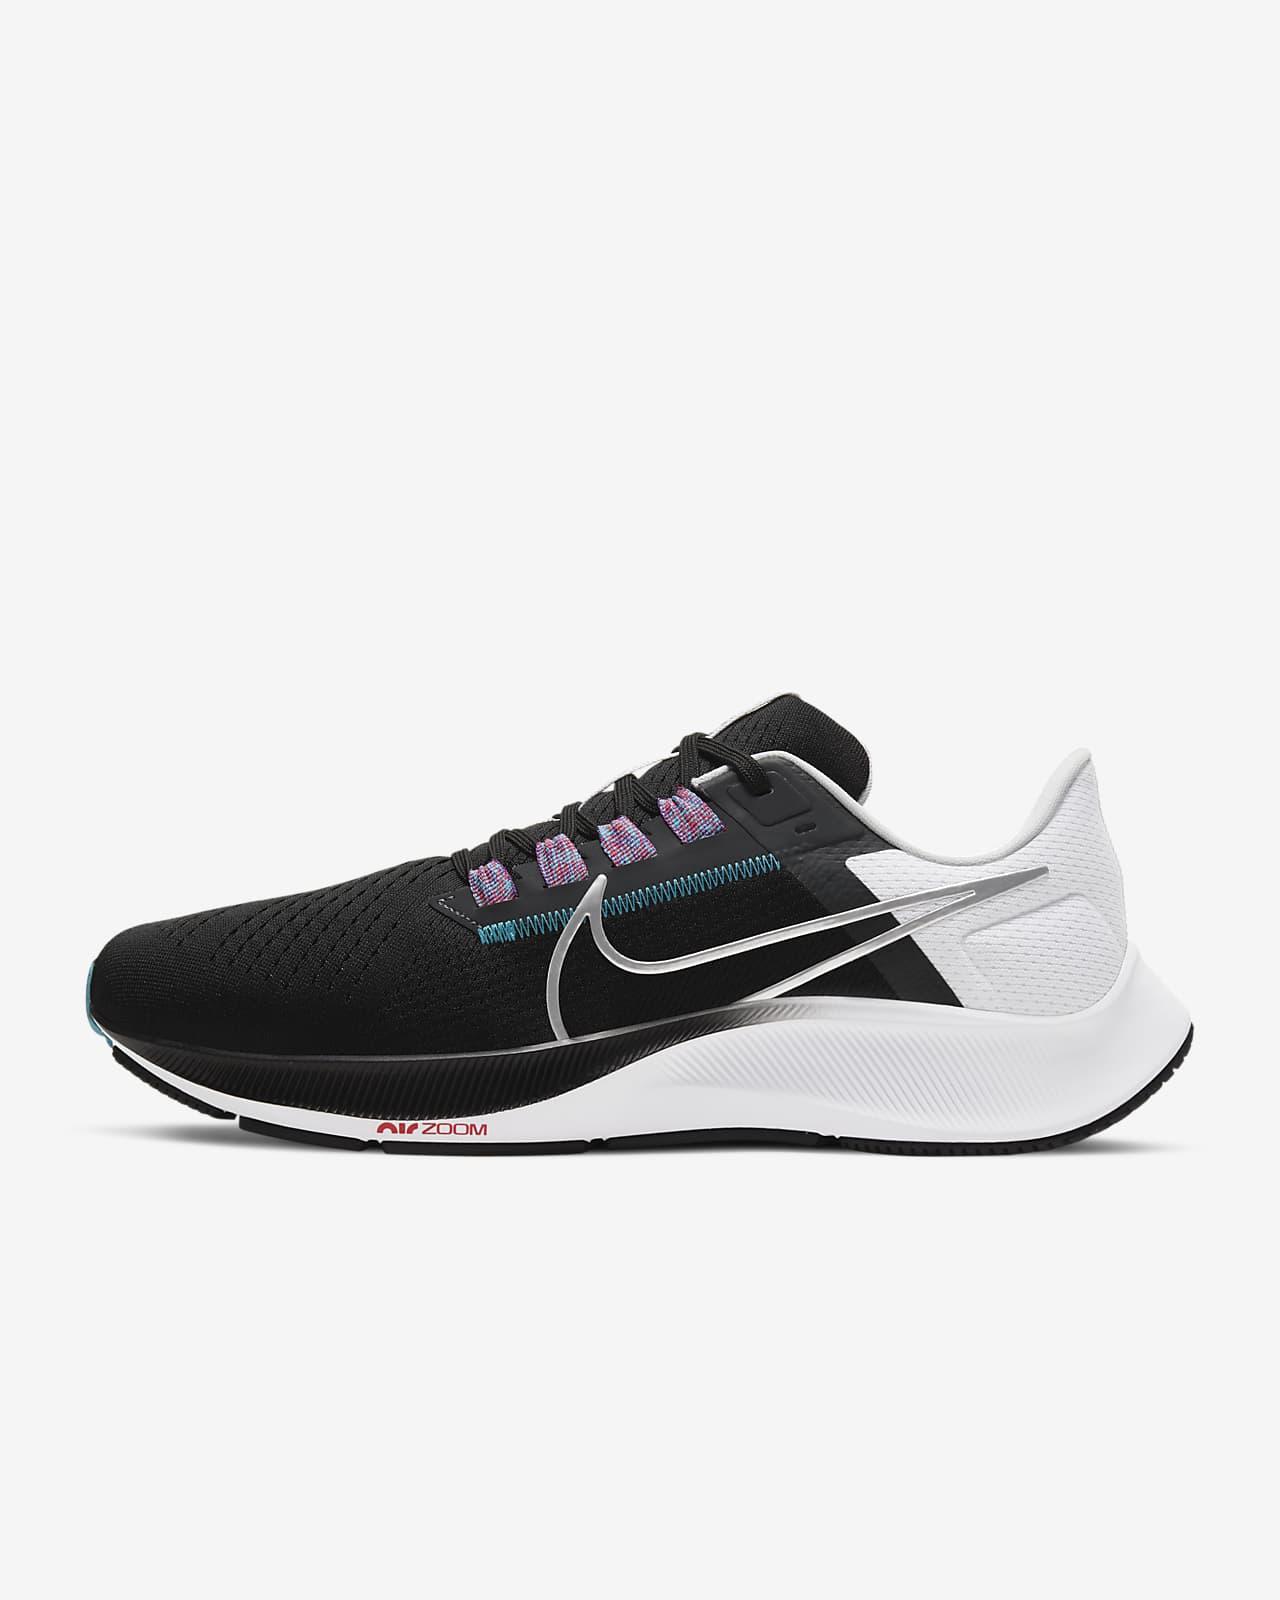 Ανδρικό παπούτσι για τρέξιμο Nike Air Zoom Pegasus 38